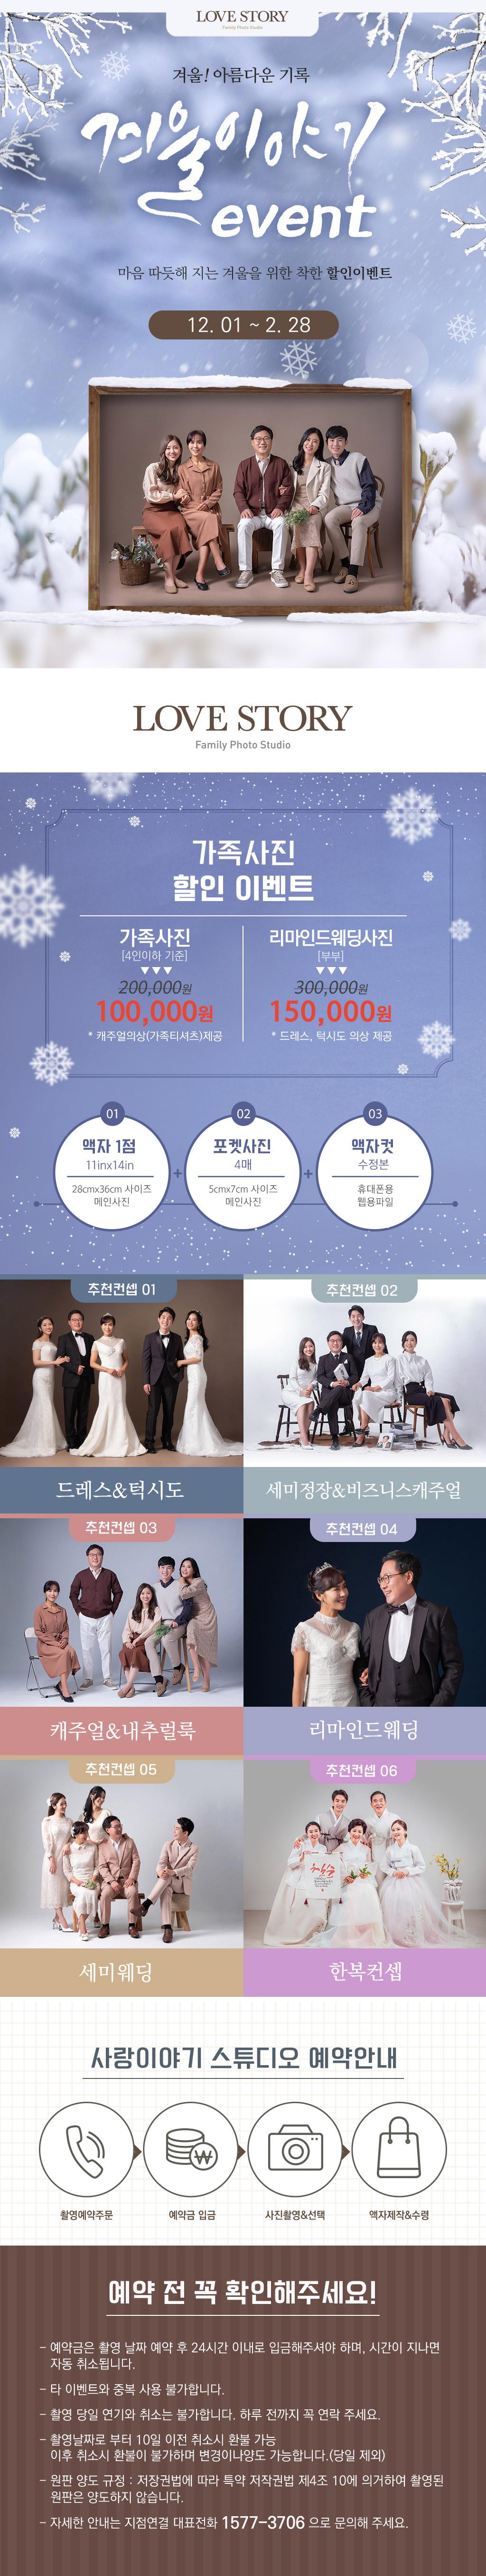 20201127_사랑이야기-겨울-이벤트(지점공용이벤트)72-.jpg